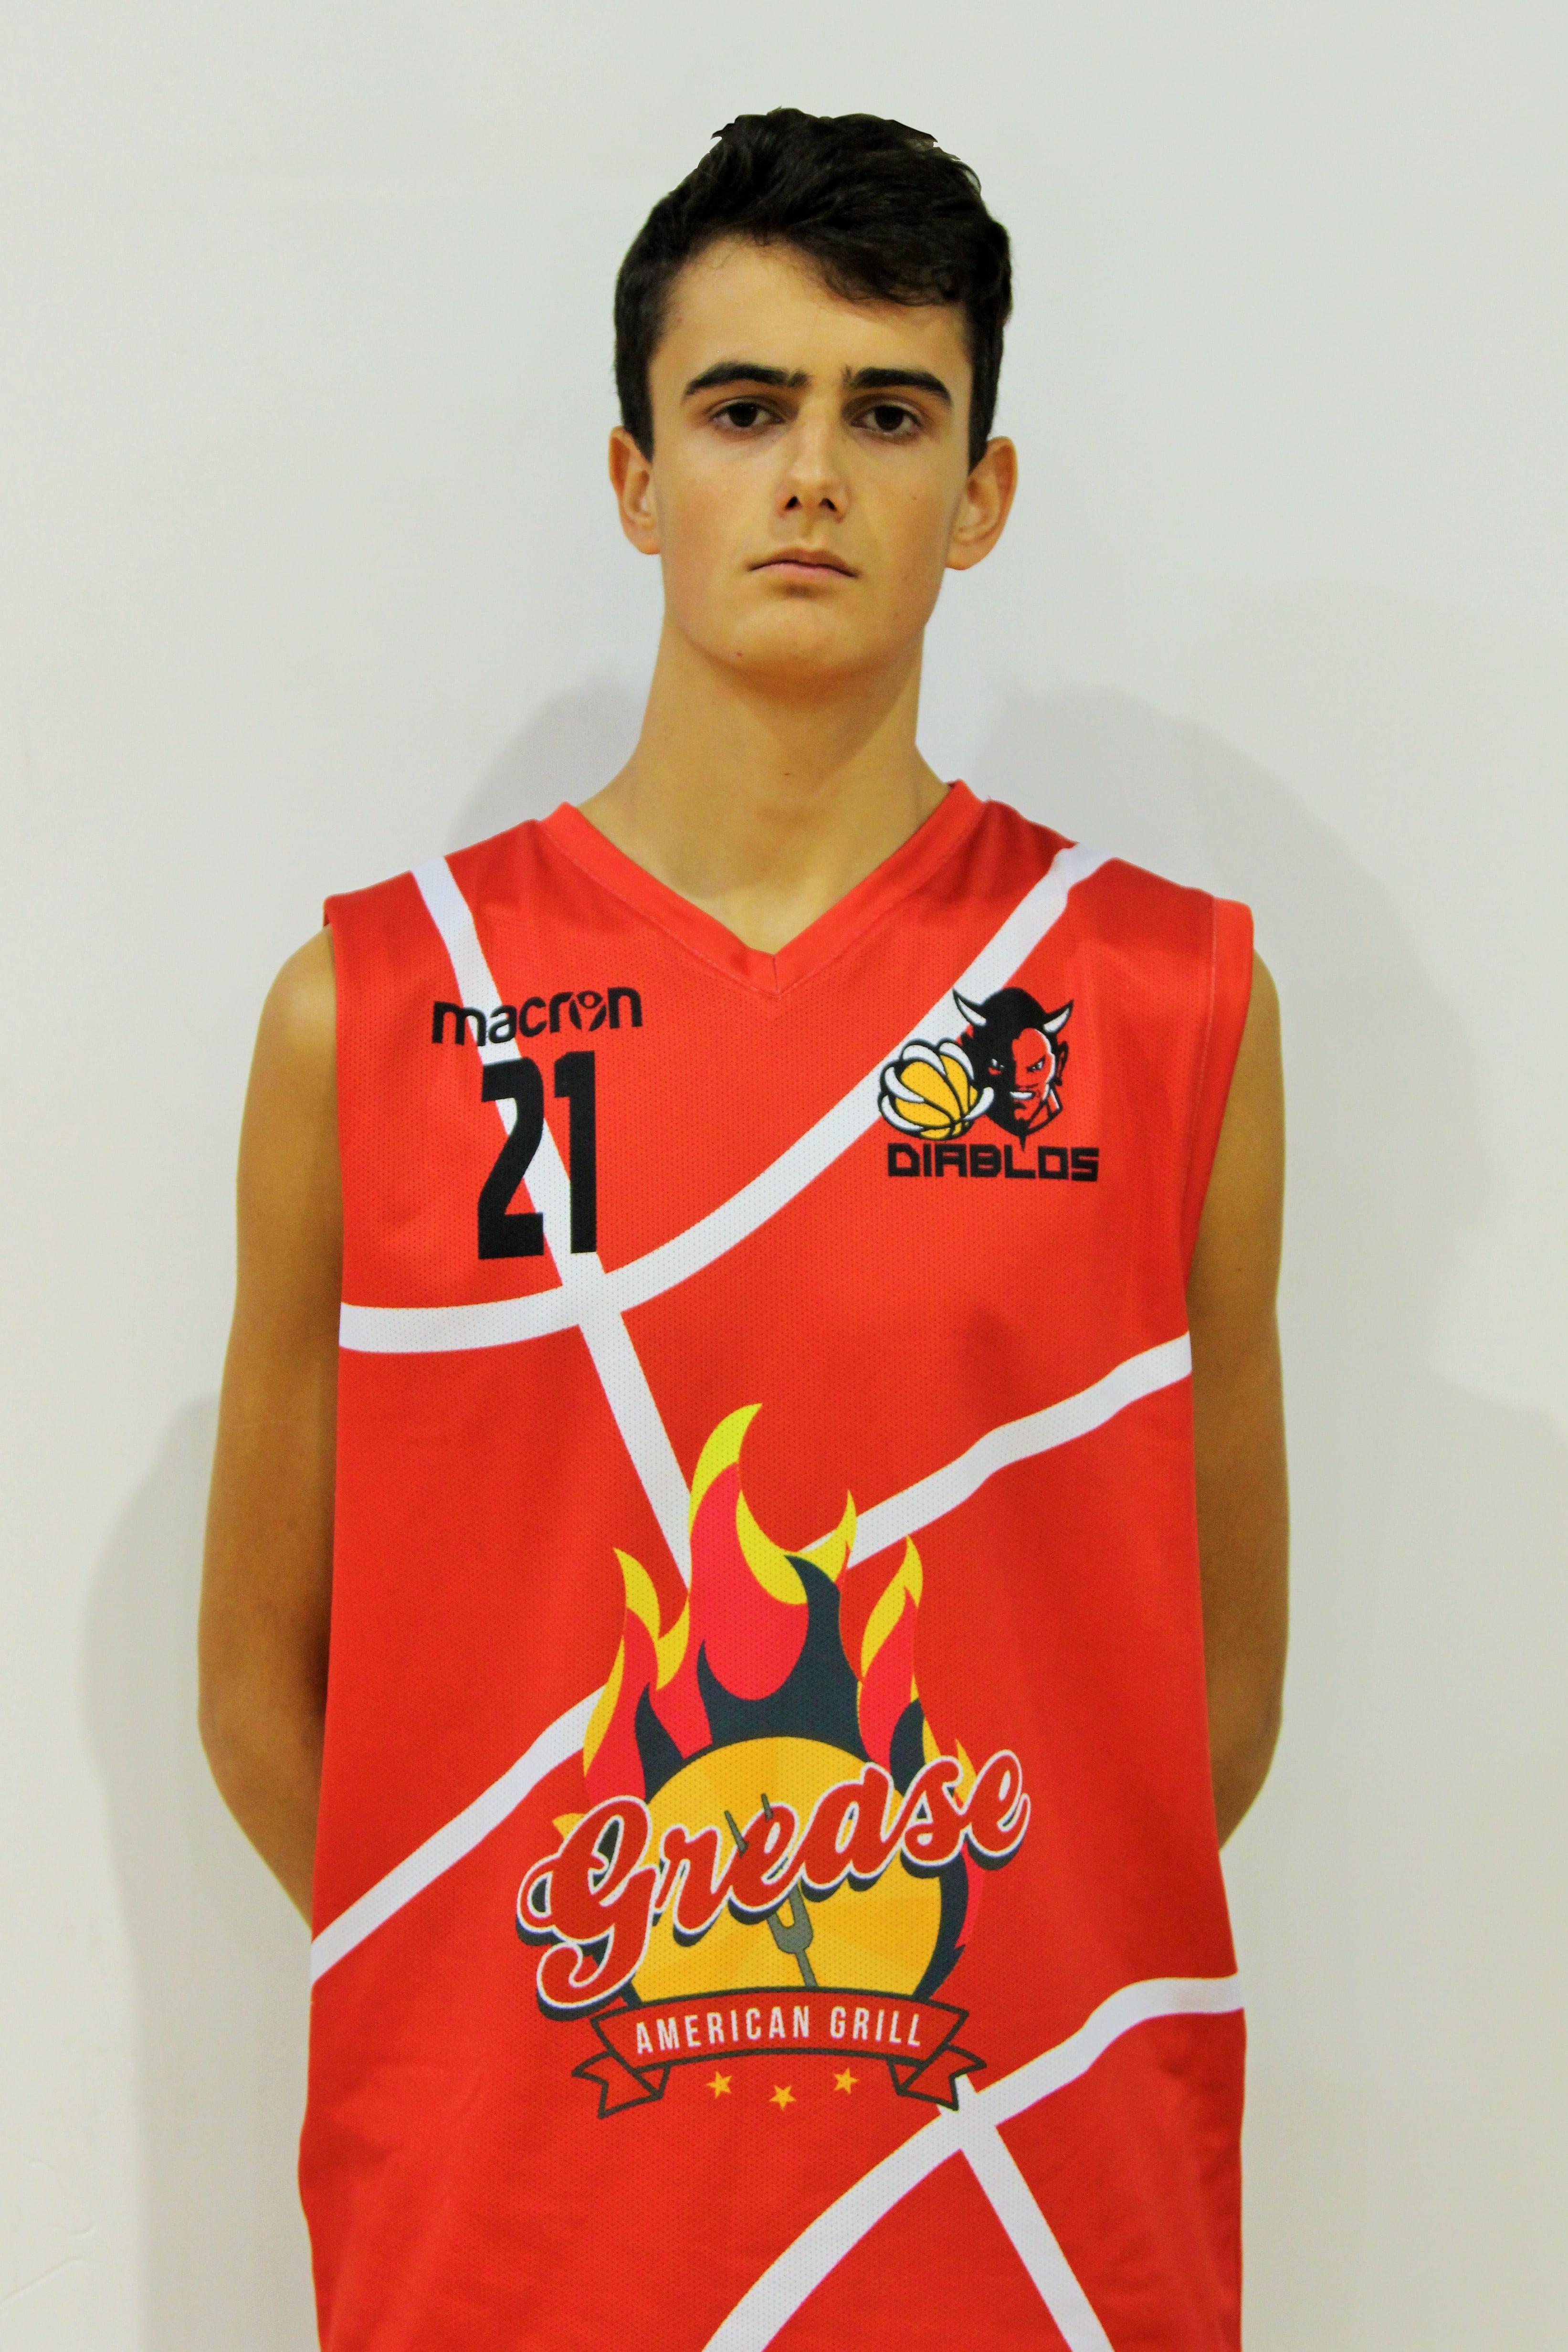 Nicola Almeoni